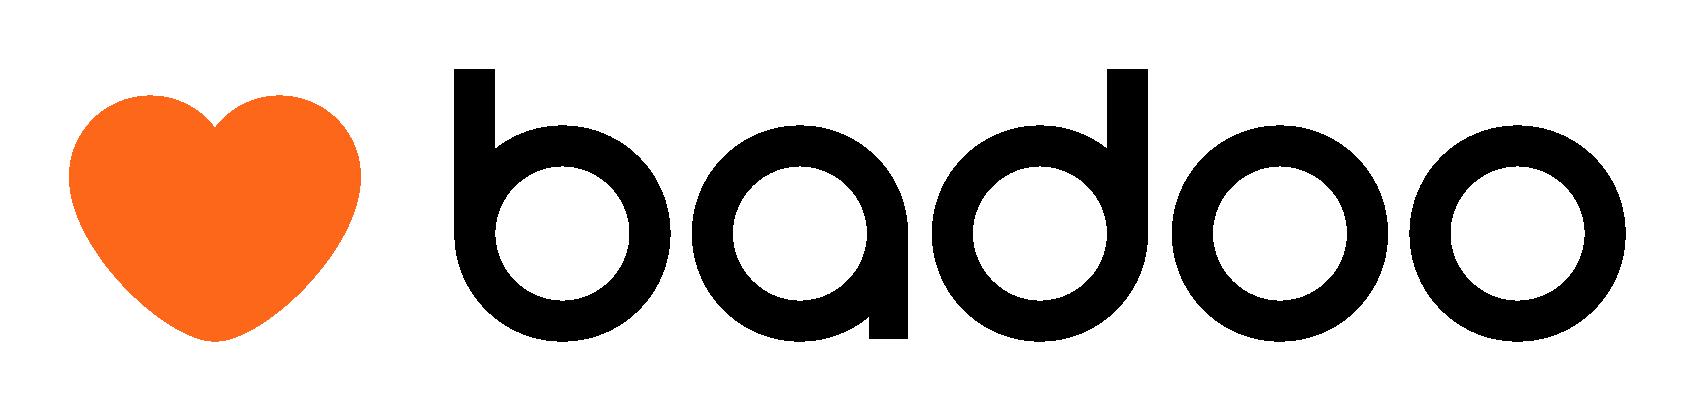 Badoo_logo-02 (002)